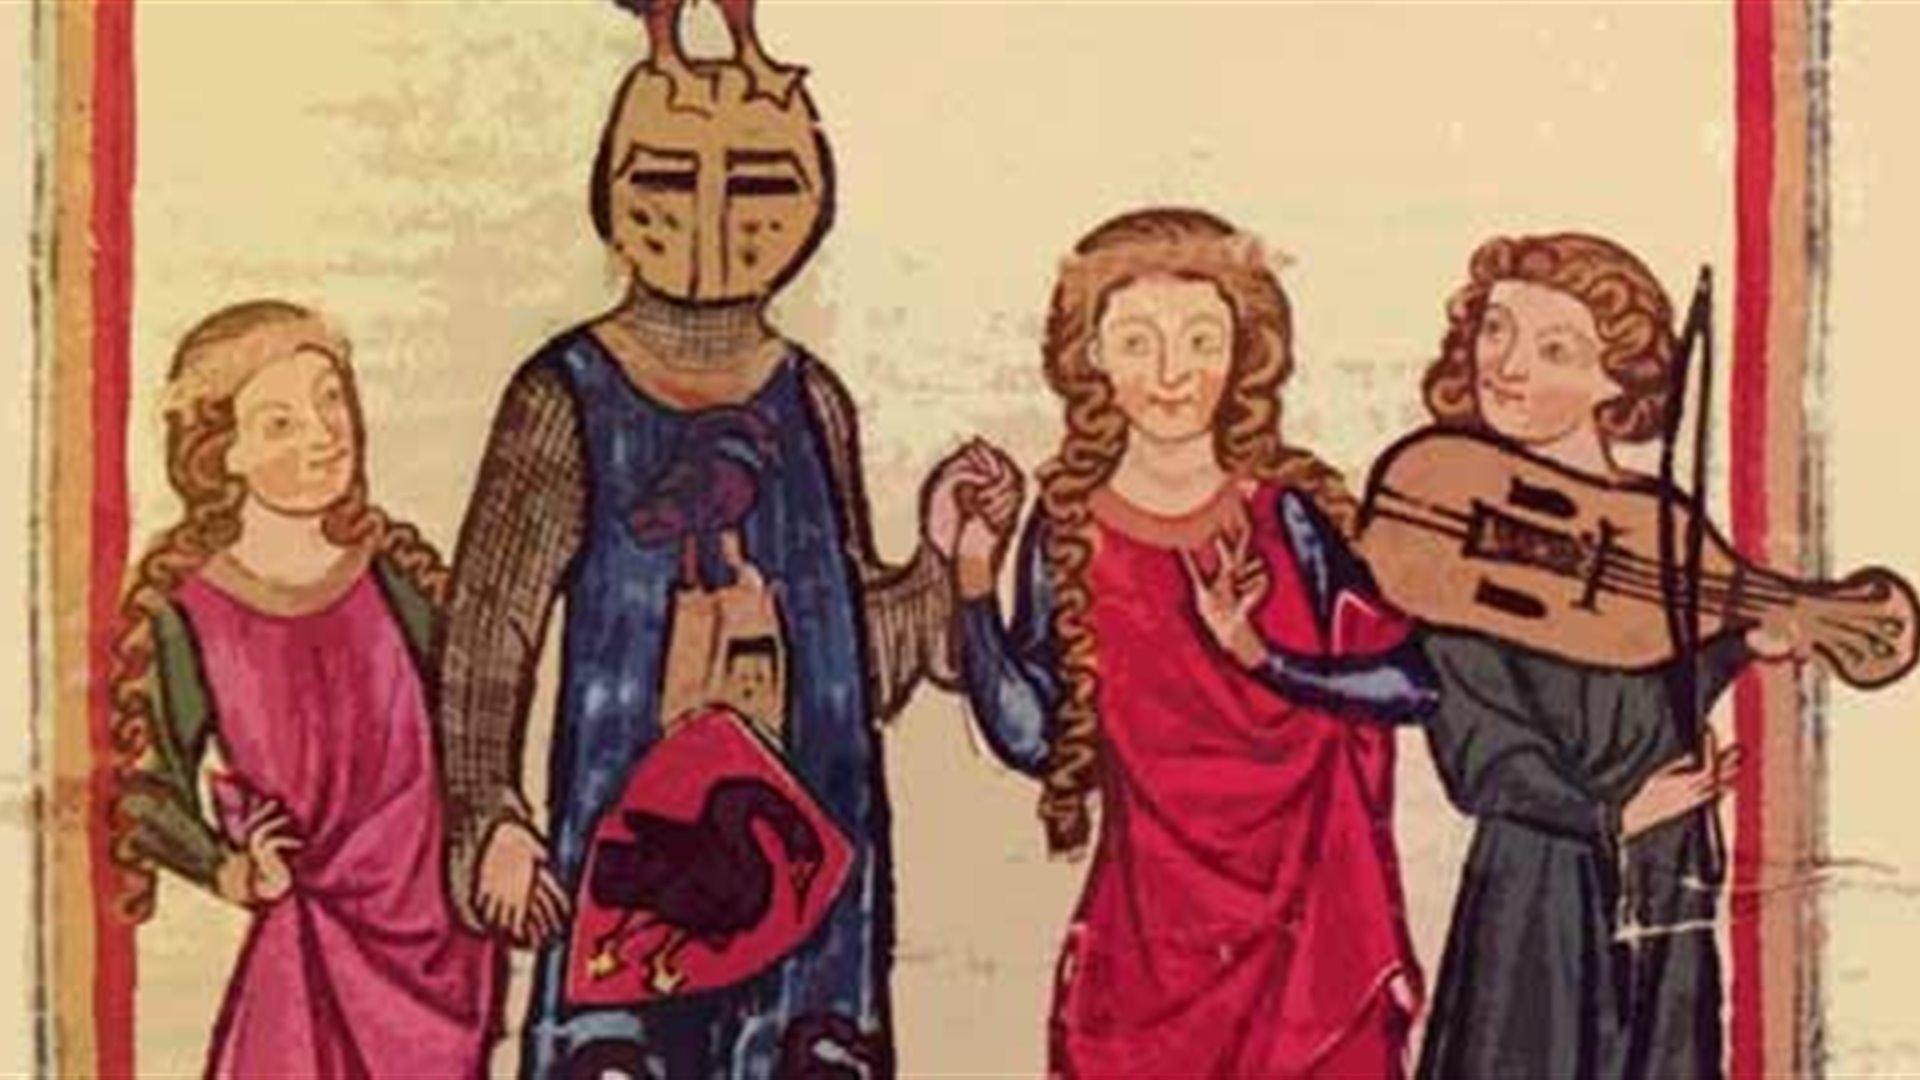 El año 1000 y el misterio de la polifonía: las abadias de Inglaterra y Francia